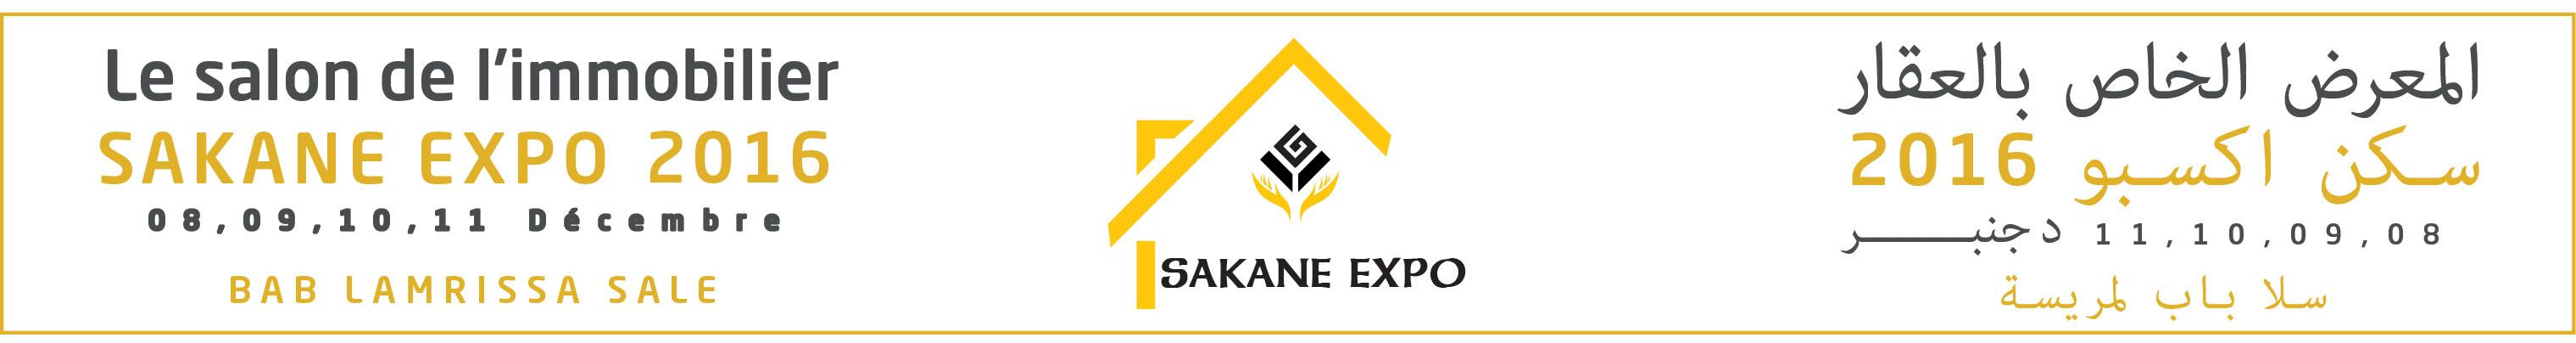 sakanexpo